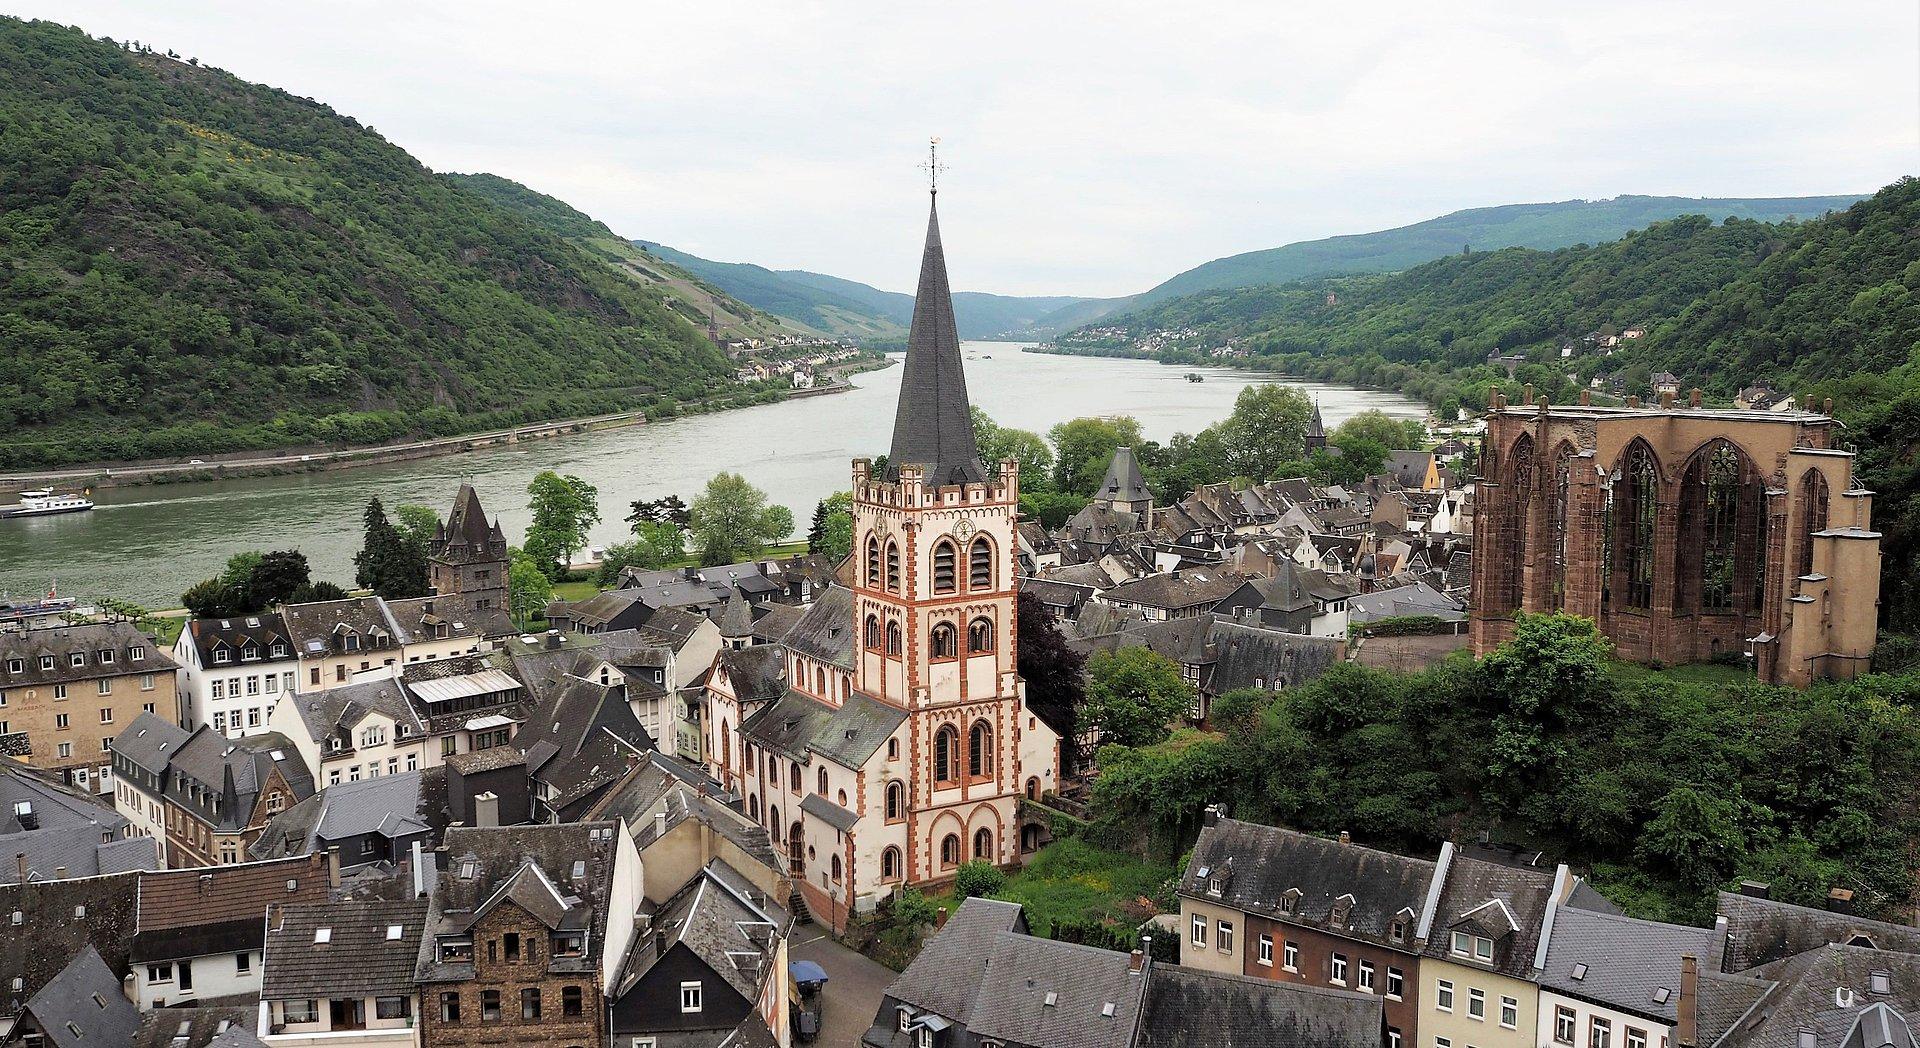 Bacharach, Romantischer Rhein